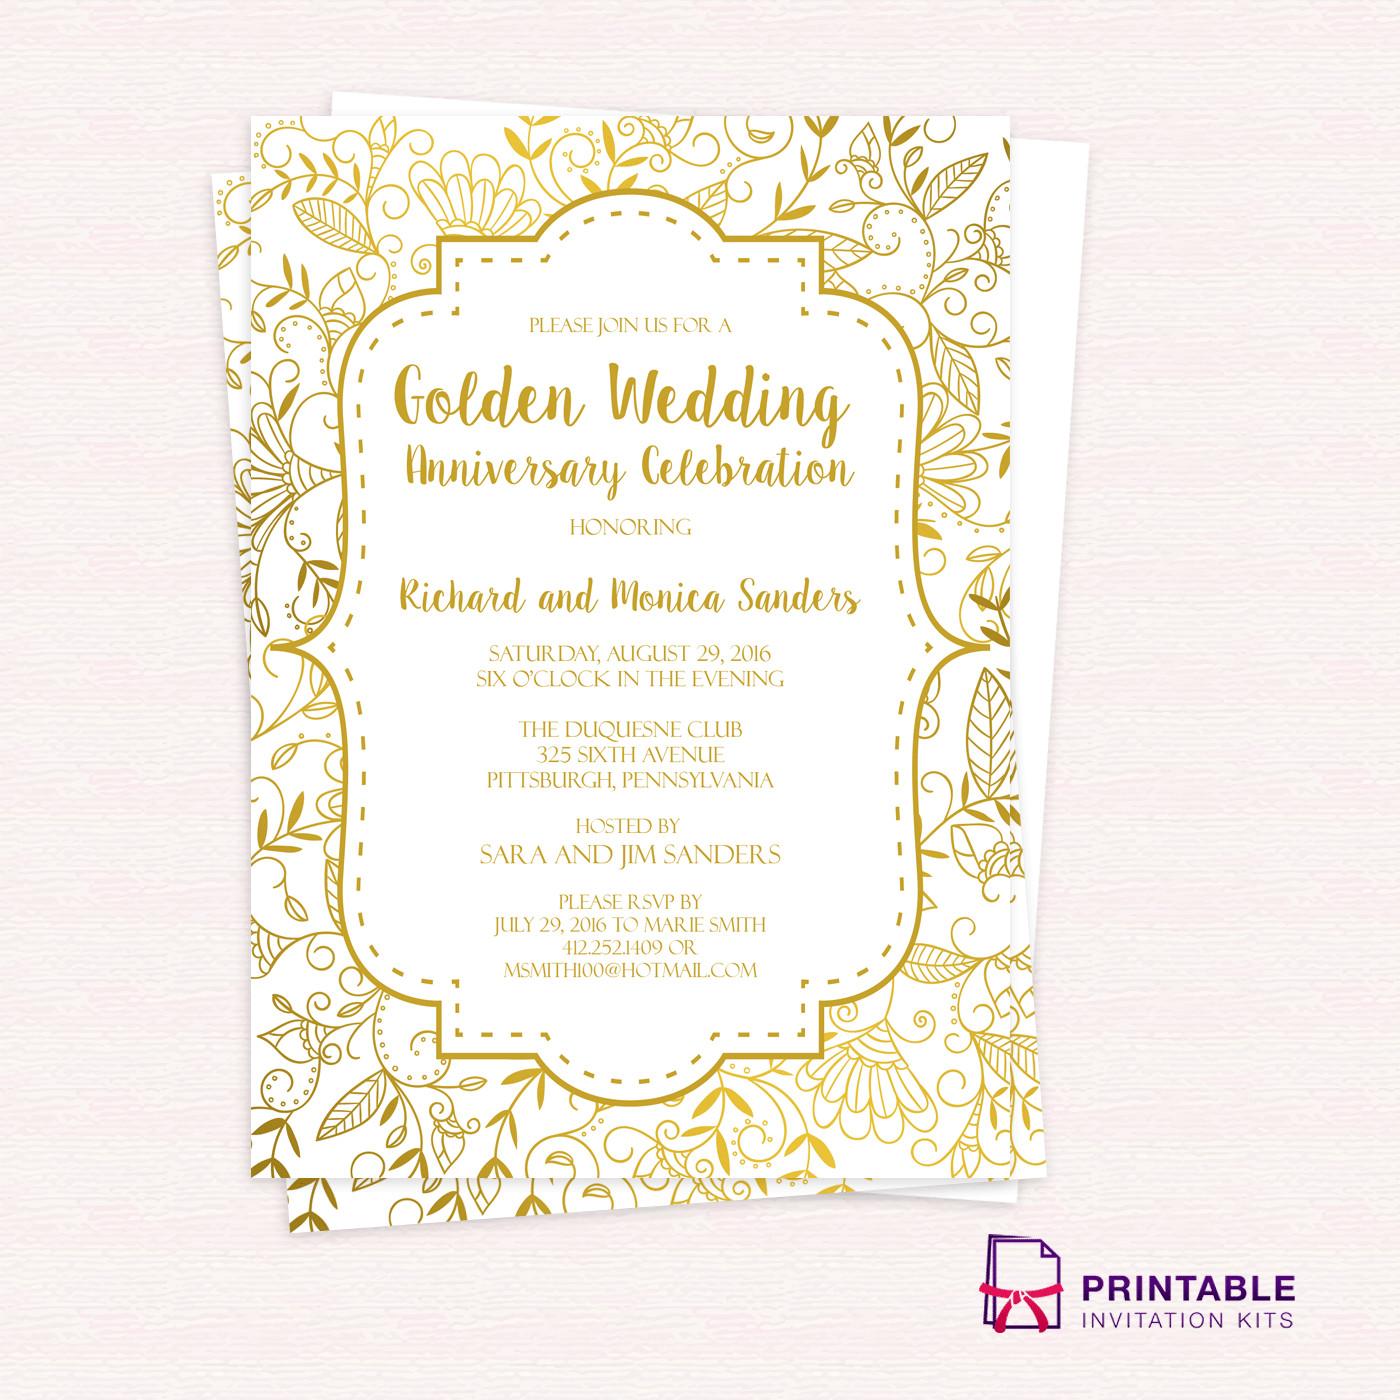 50th Anniversary Invitation Template Golden Wedding Anniversary Invitation Template